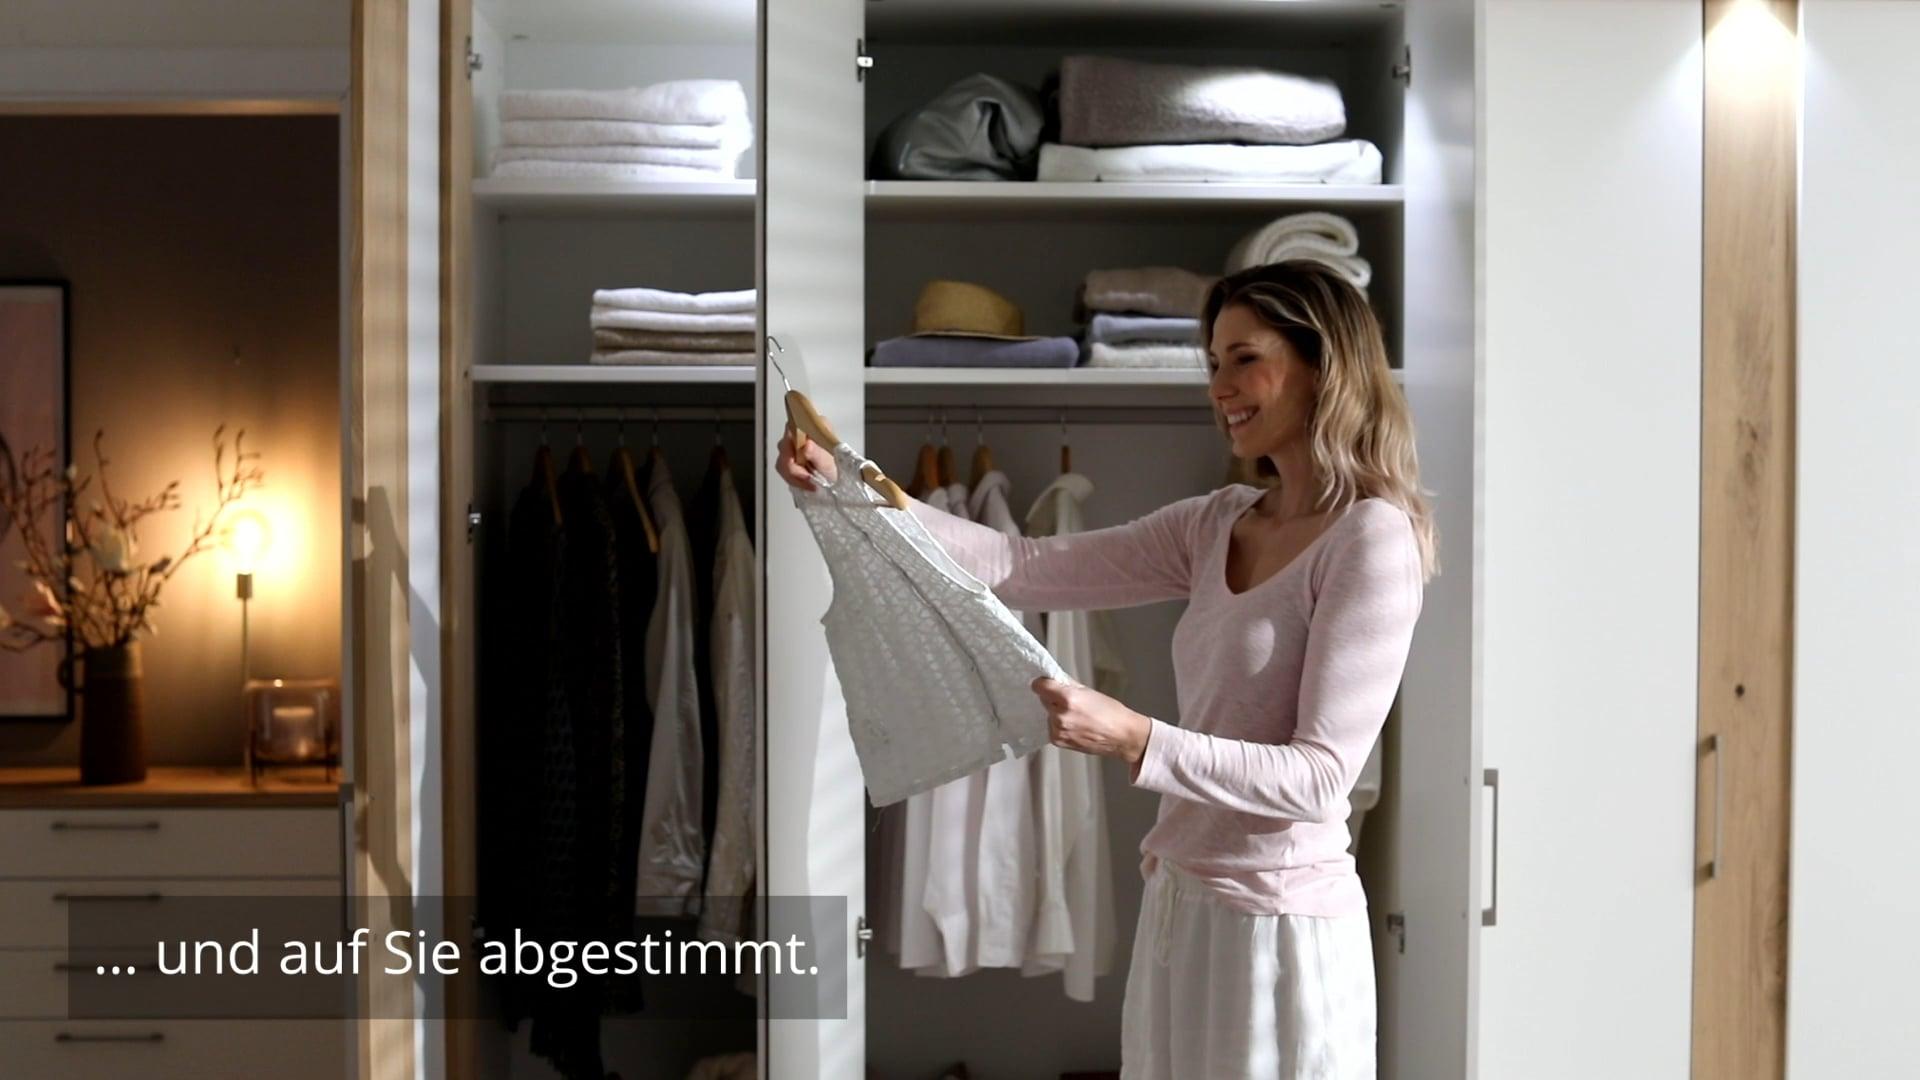 <p><u>Schlafzimmer-Programm Cali</u><br /> Perfekt durchdacht und auf Sie abgestimmt - Das ist das Programm Cali!&nbsp;Die hochwertigen Lackoberfl&auml;chen in Kombination mit ausgesuchtem Eichenfurnier&nbsp;und eine vielf&auml;ltige Innenausstattung machen den Kleiderschrank zu einem Stauraumwunder. Das Bett ist mit 2 verschiedenen Kopfteilen erh&auml;ltlich und das umfangreiche Angebot aus Kommoden l&auml;sst keine W&uuml;nsche offen.&nbsp;</p>